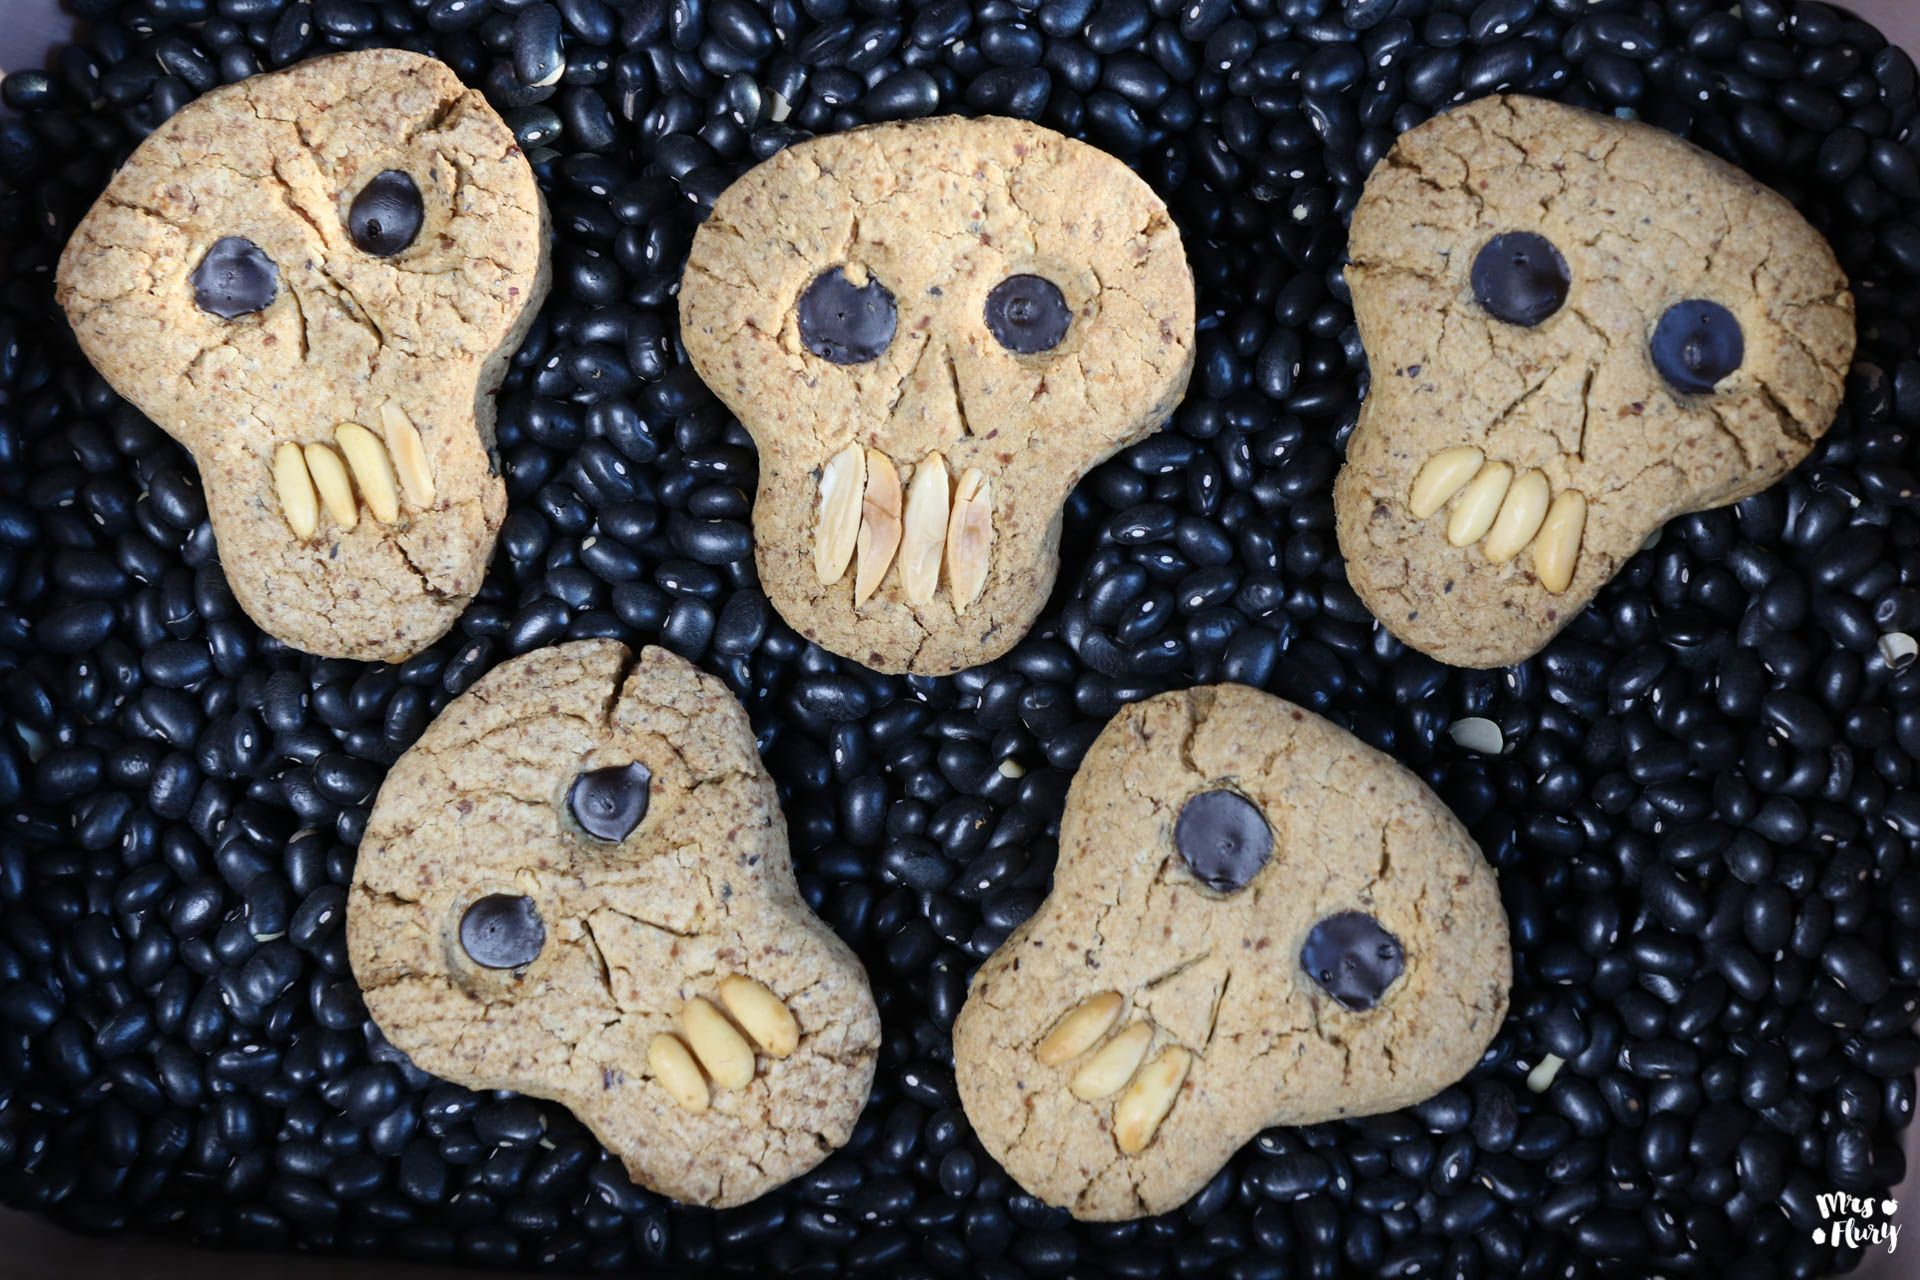 Totenkopf Cookies